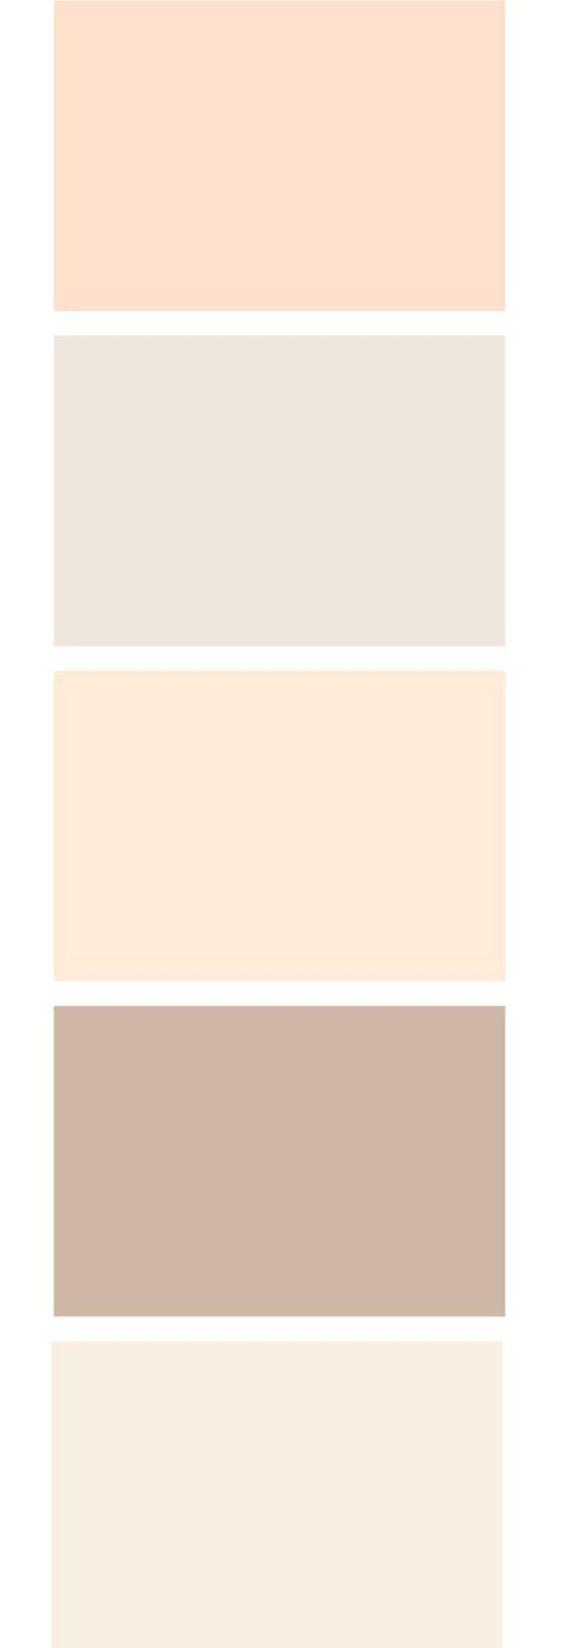 Peinture pastel et nude : les couleurs tendance dans la déco - Côté Maison